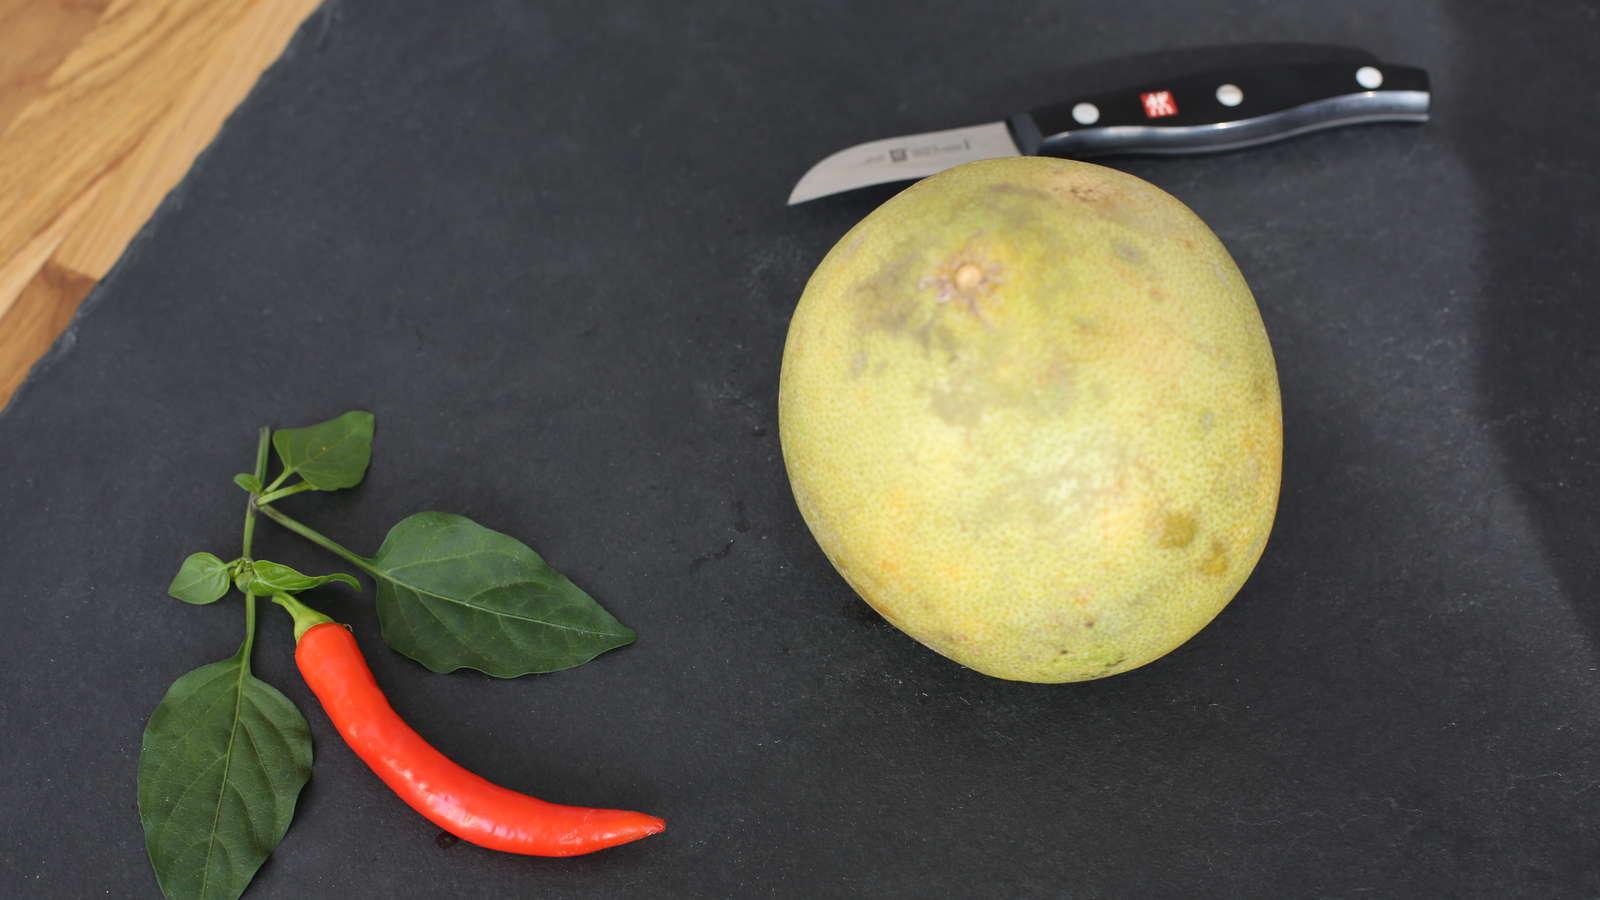 Pomelo Essen Anleitung Zum Schälen Essen Von Pomelos Plantura